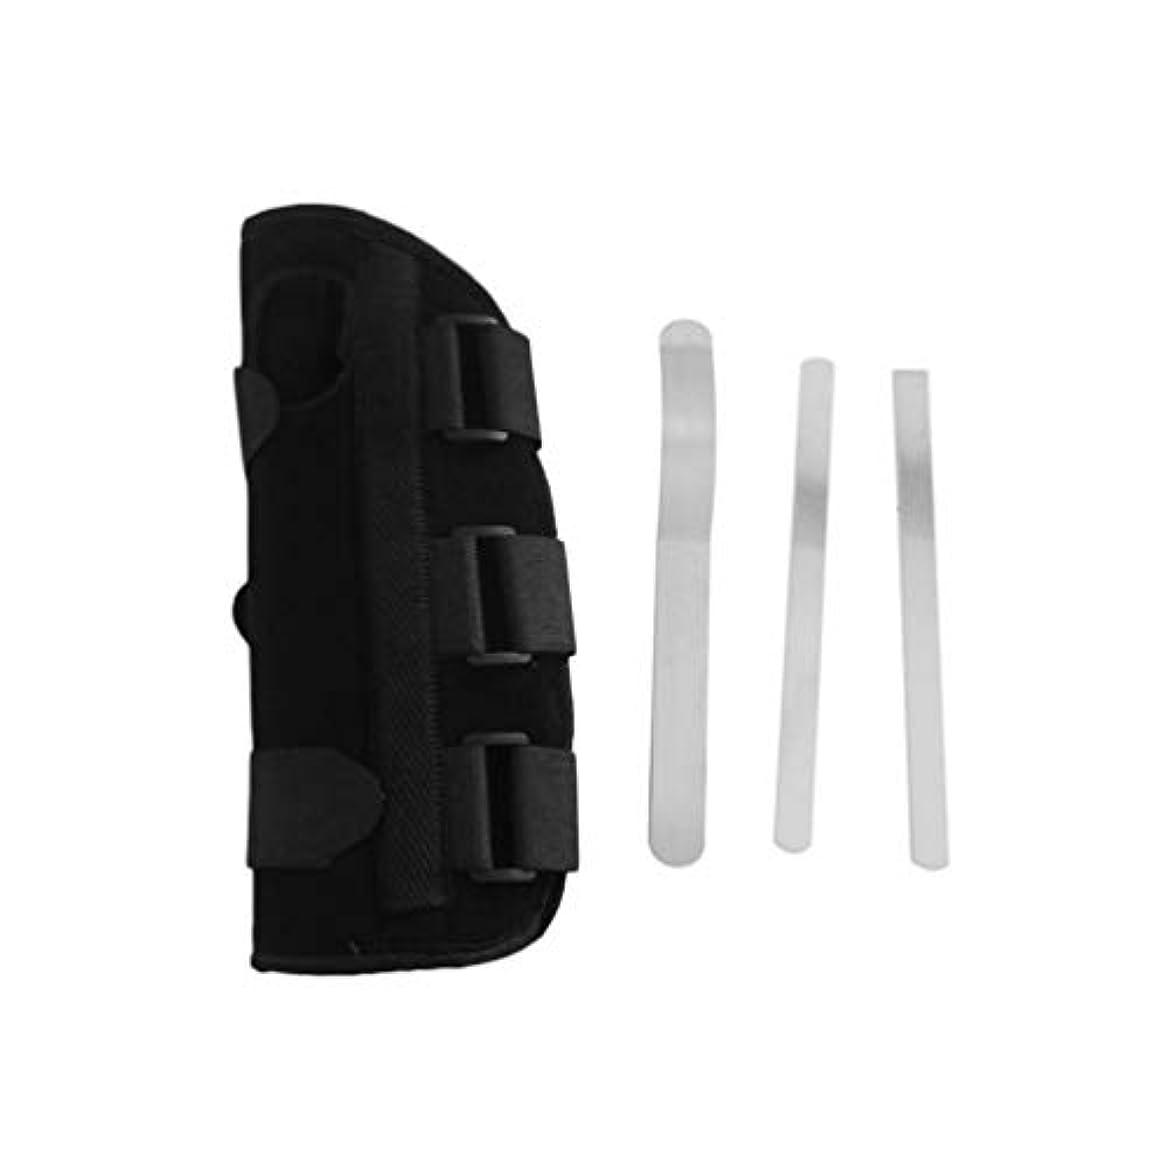 手を差し伸べる旅行者パンフレット手首副木ブレース保護サポートストラップカルペルトンネルCTS RSI痛み軽減取り外し可能な副木快適な軽量ストラップ - ブラックS